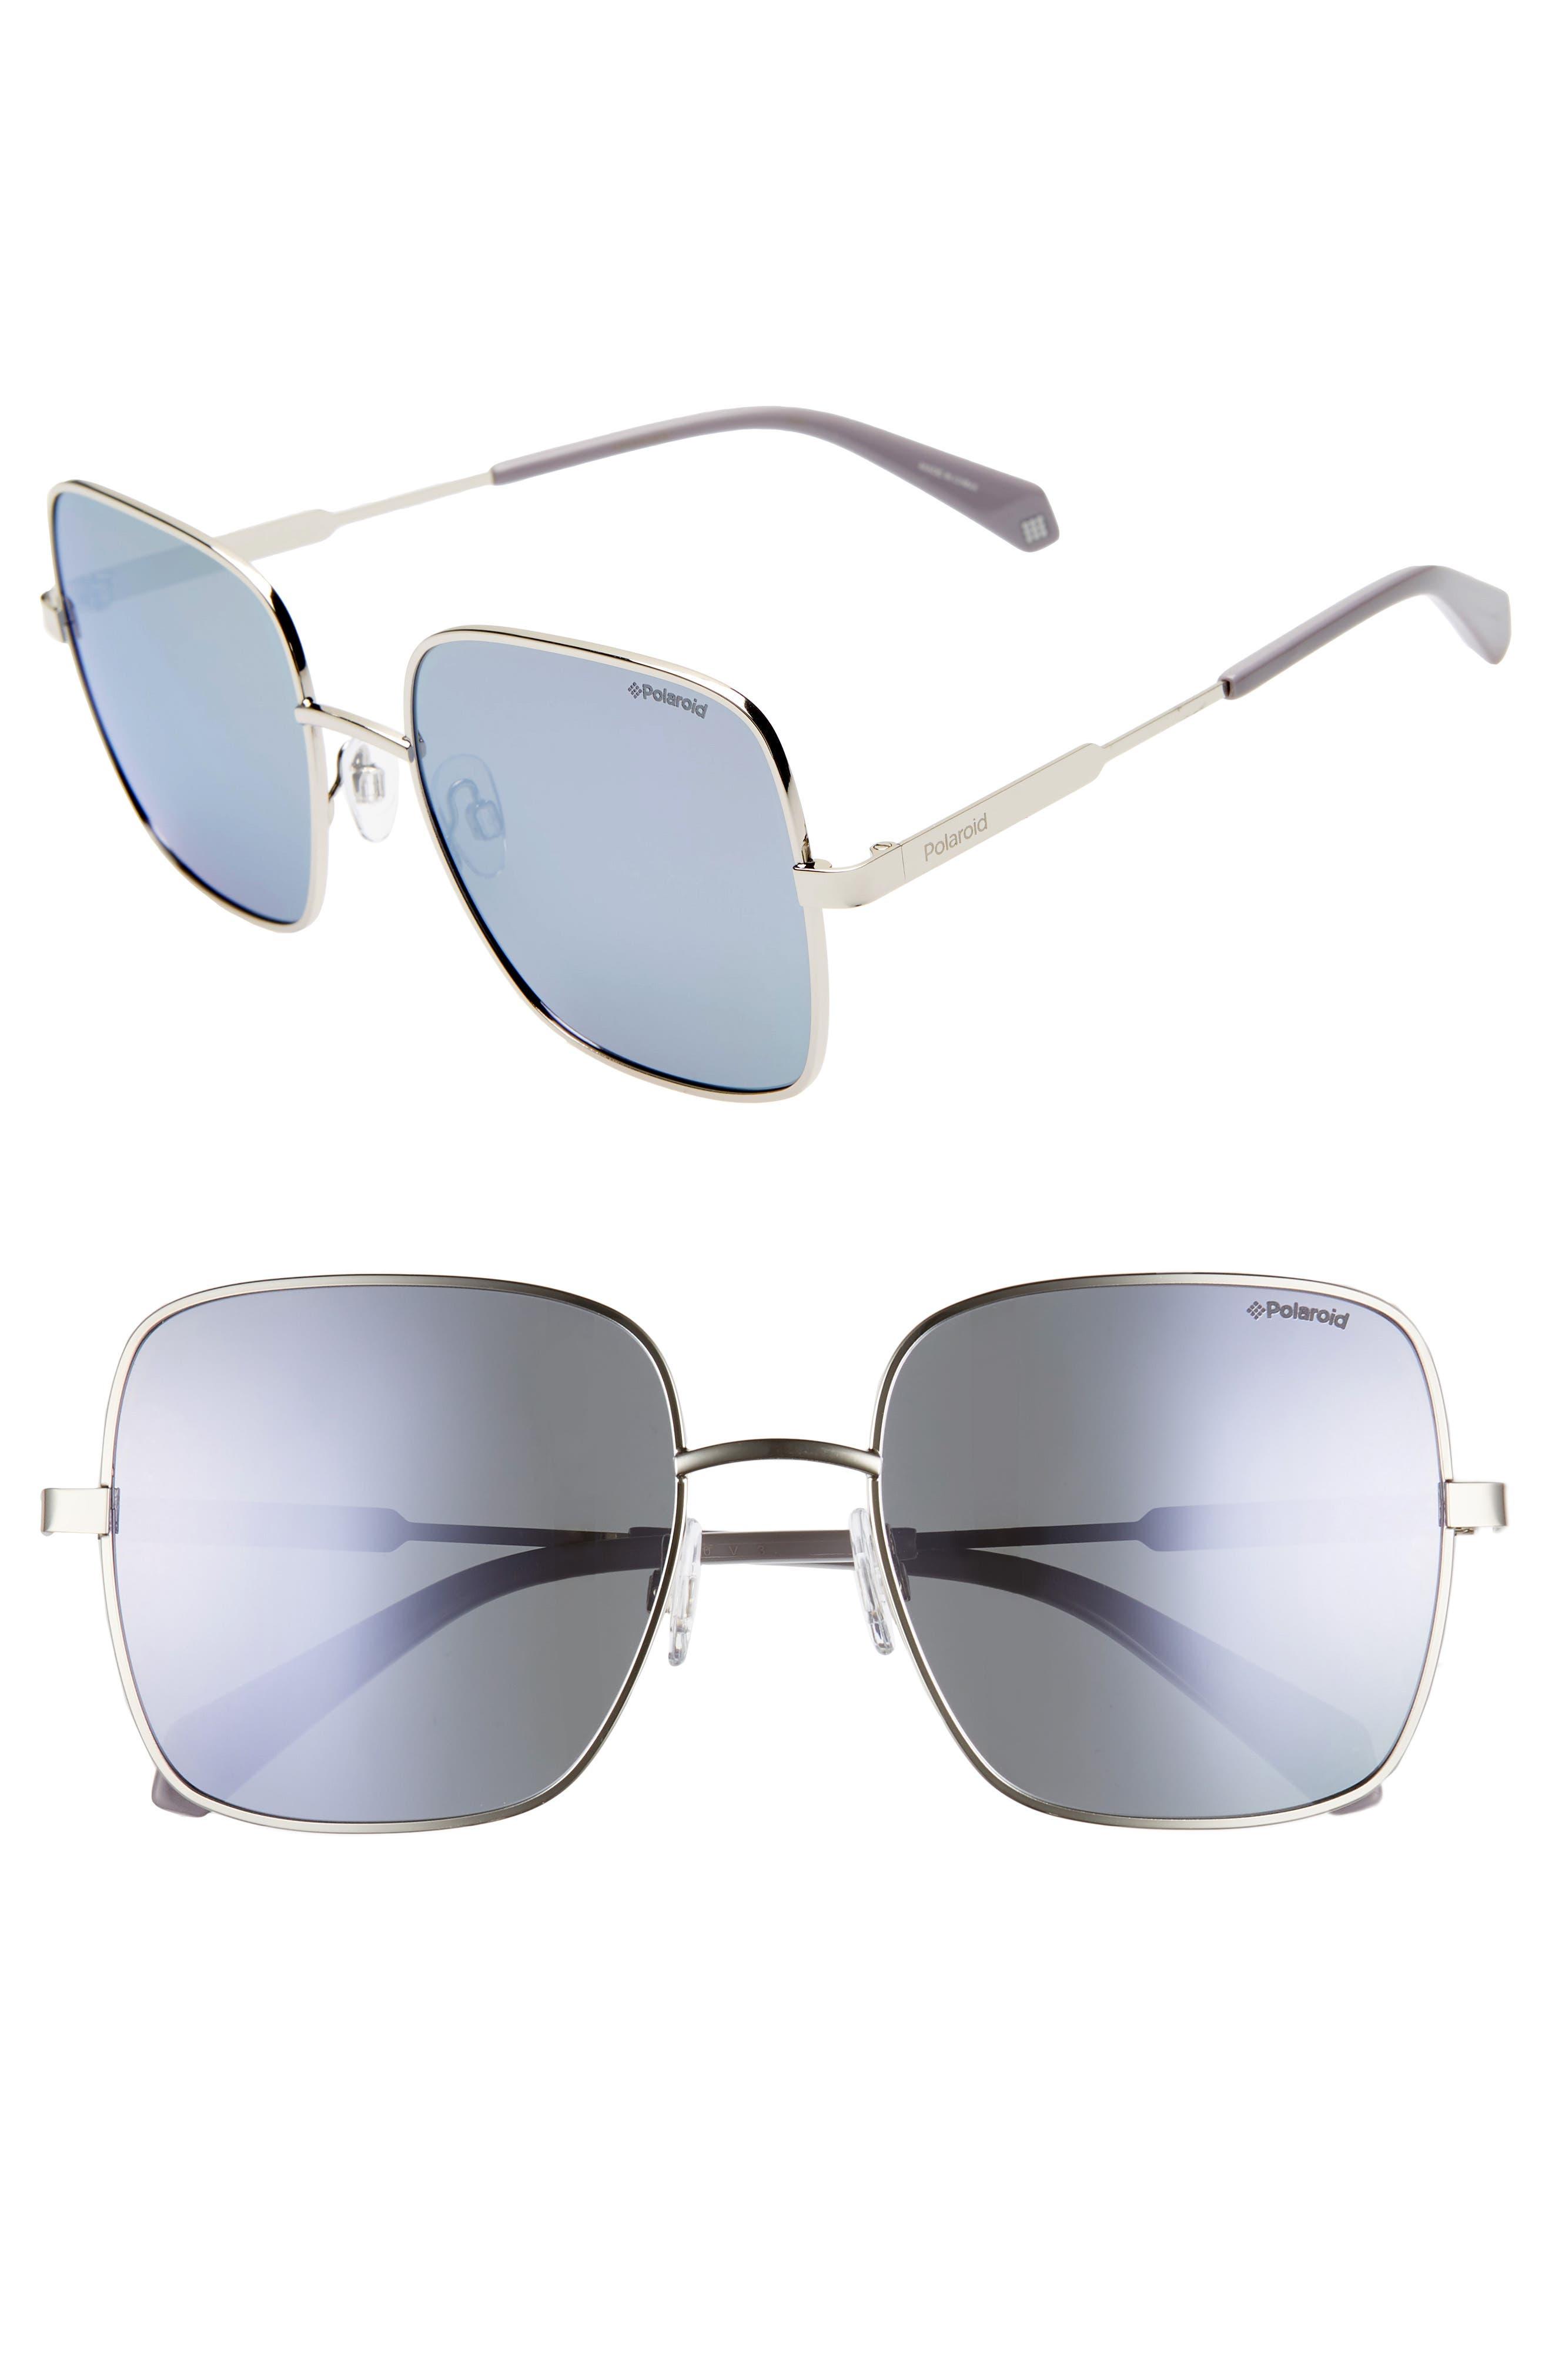 Polaroid 57Mm Polarized Square Sunglasses - Lilac/ Silver